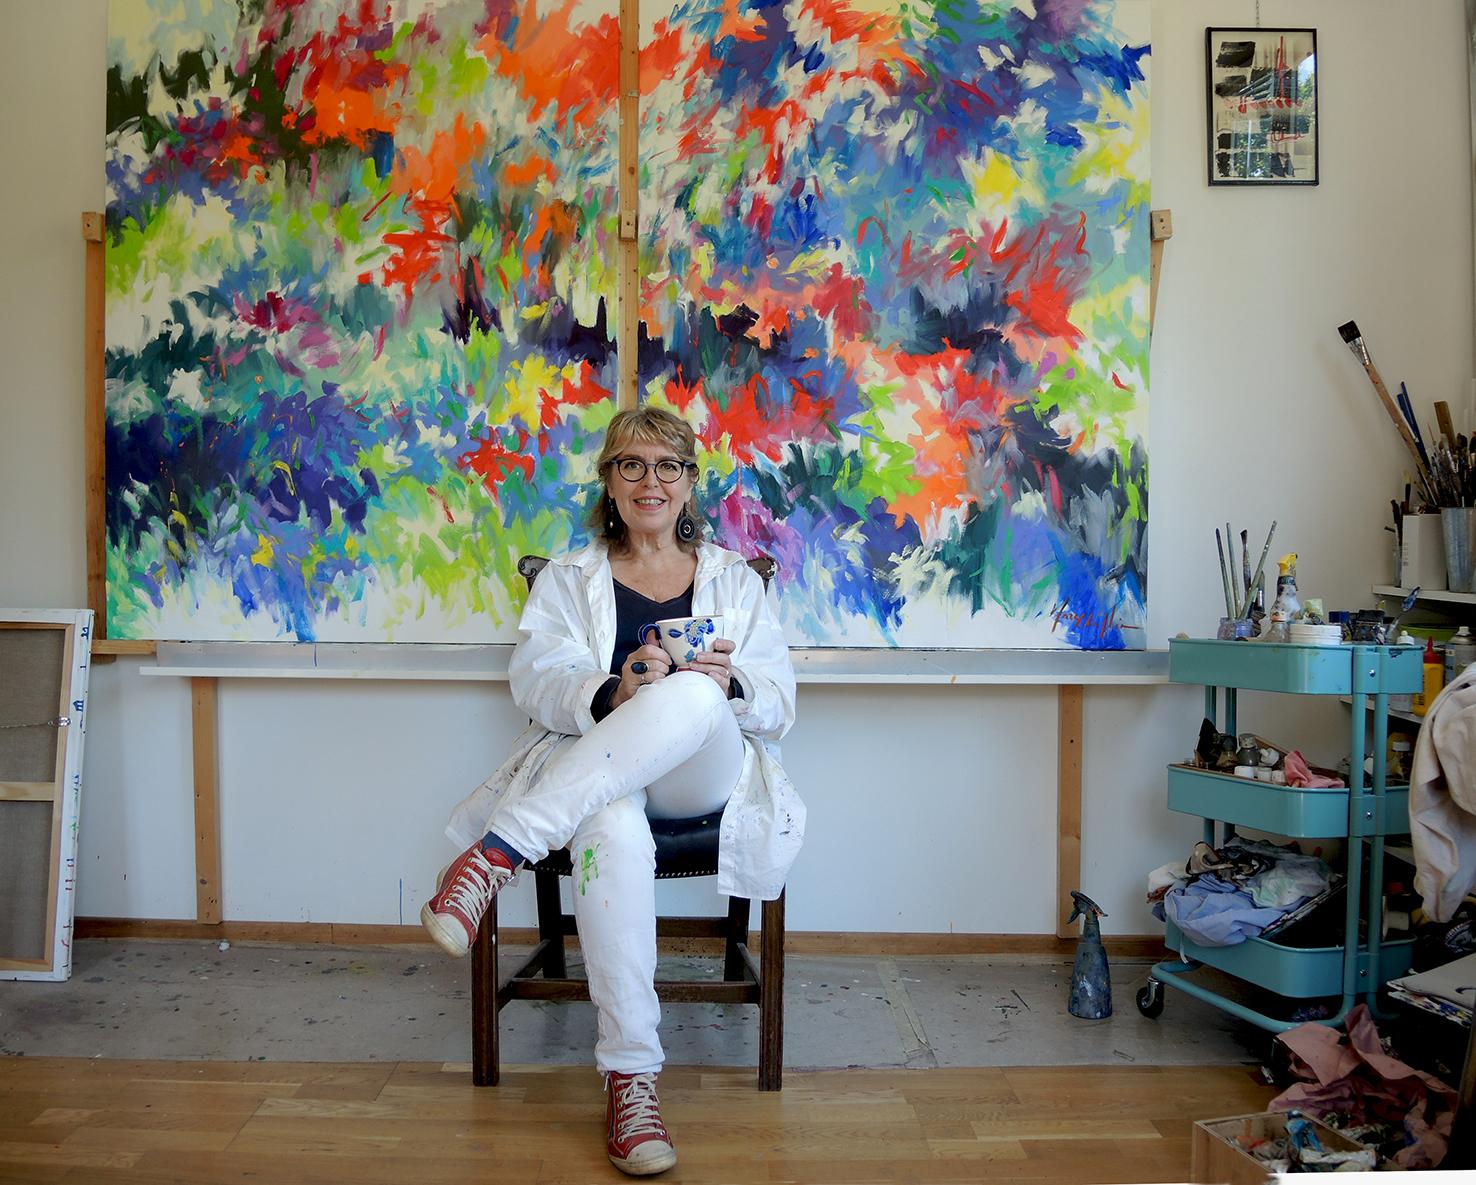 Mary Chaplin Artiste Peintre in-situ : photos atelier et souvenirs d'expo -